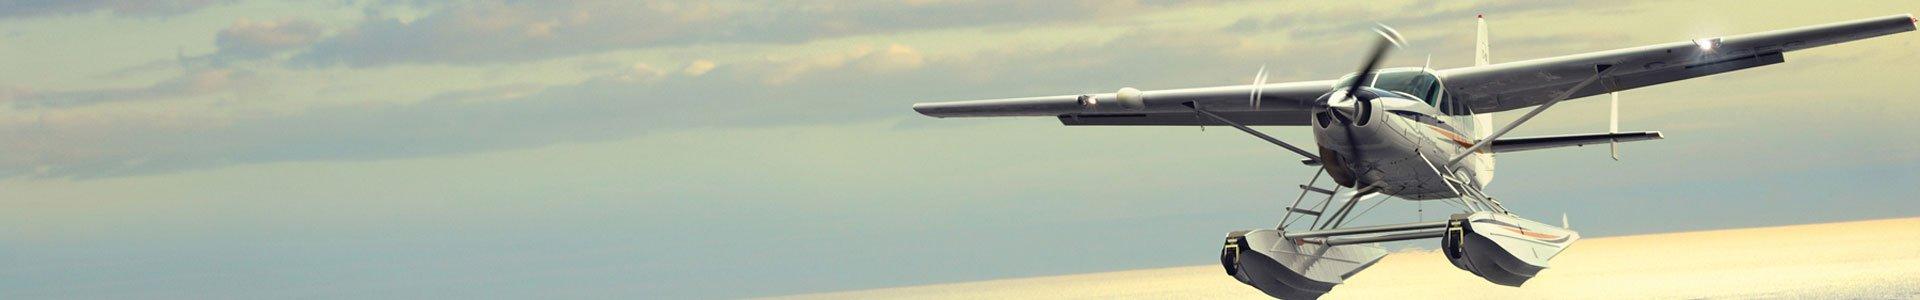 split activities sea planes